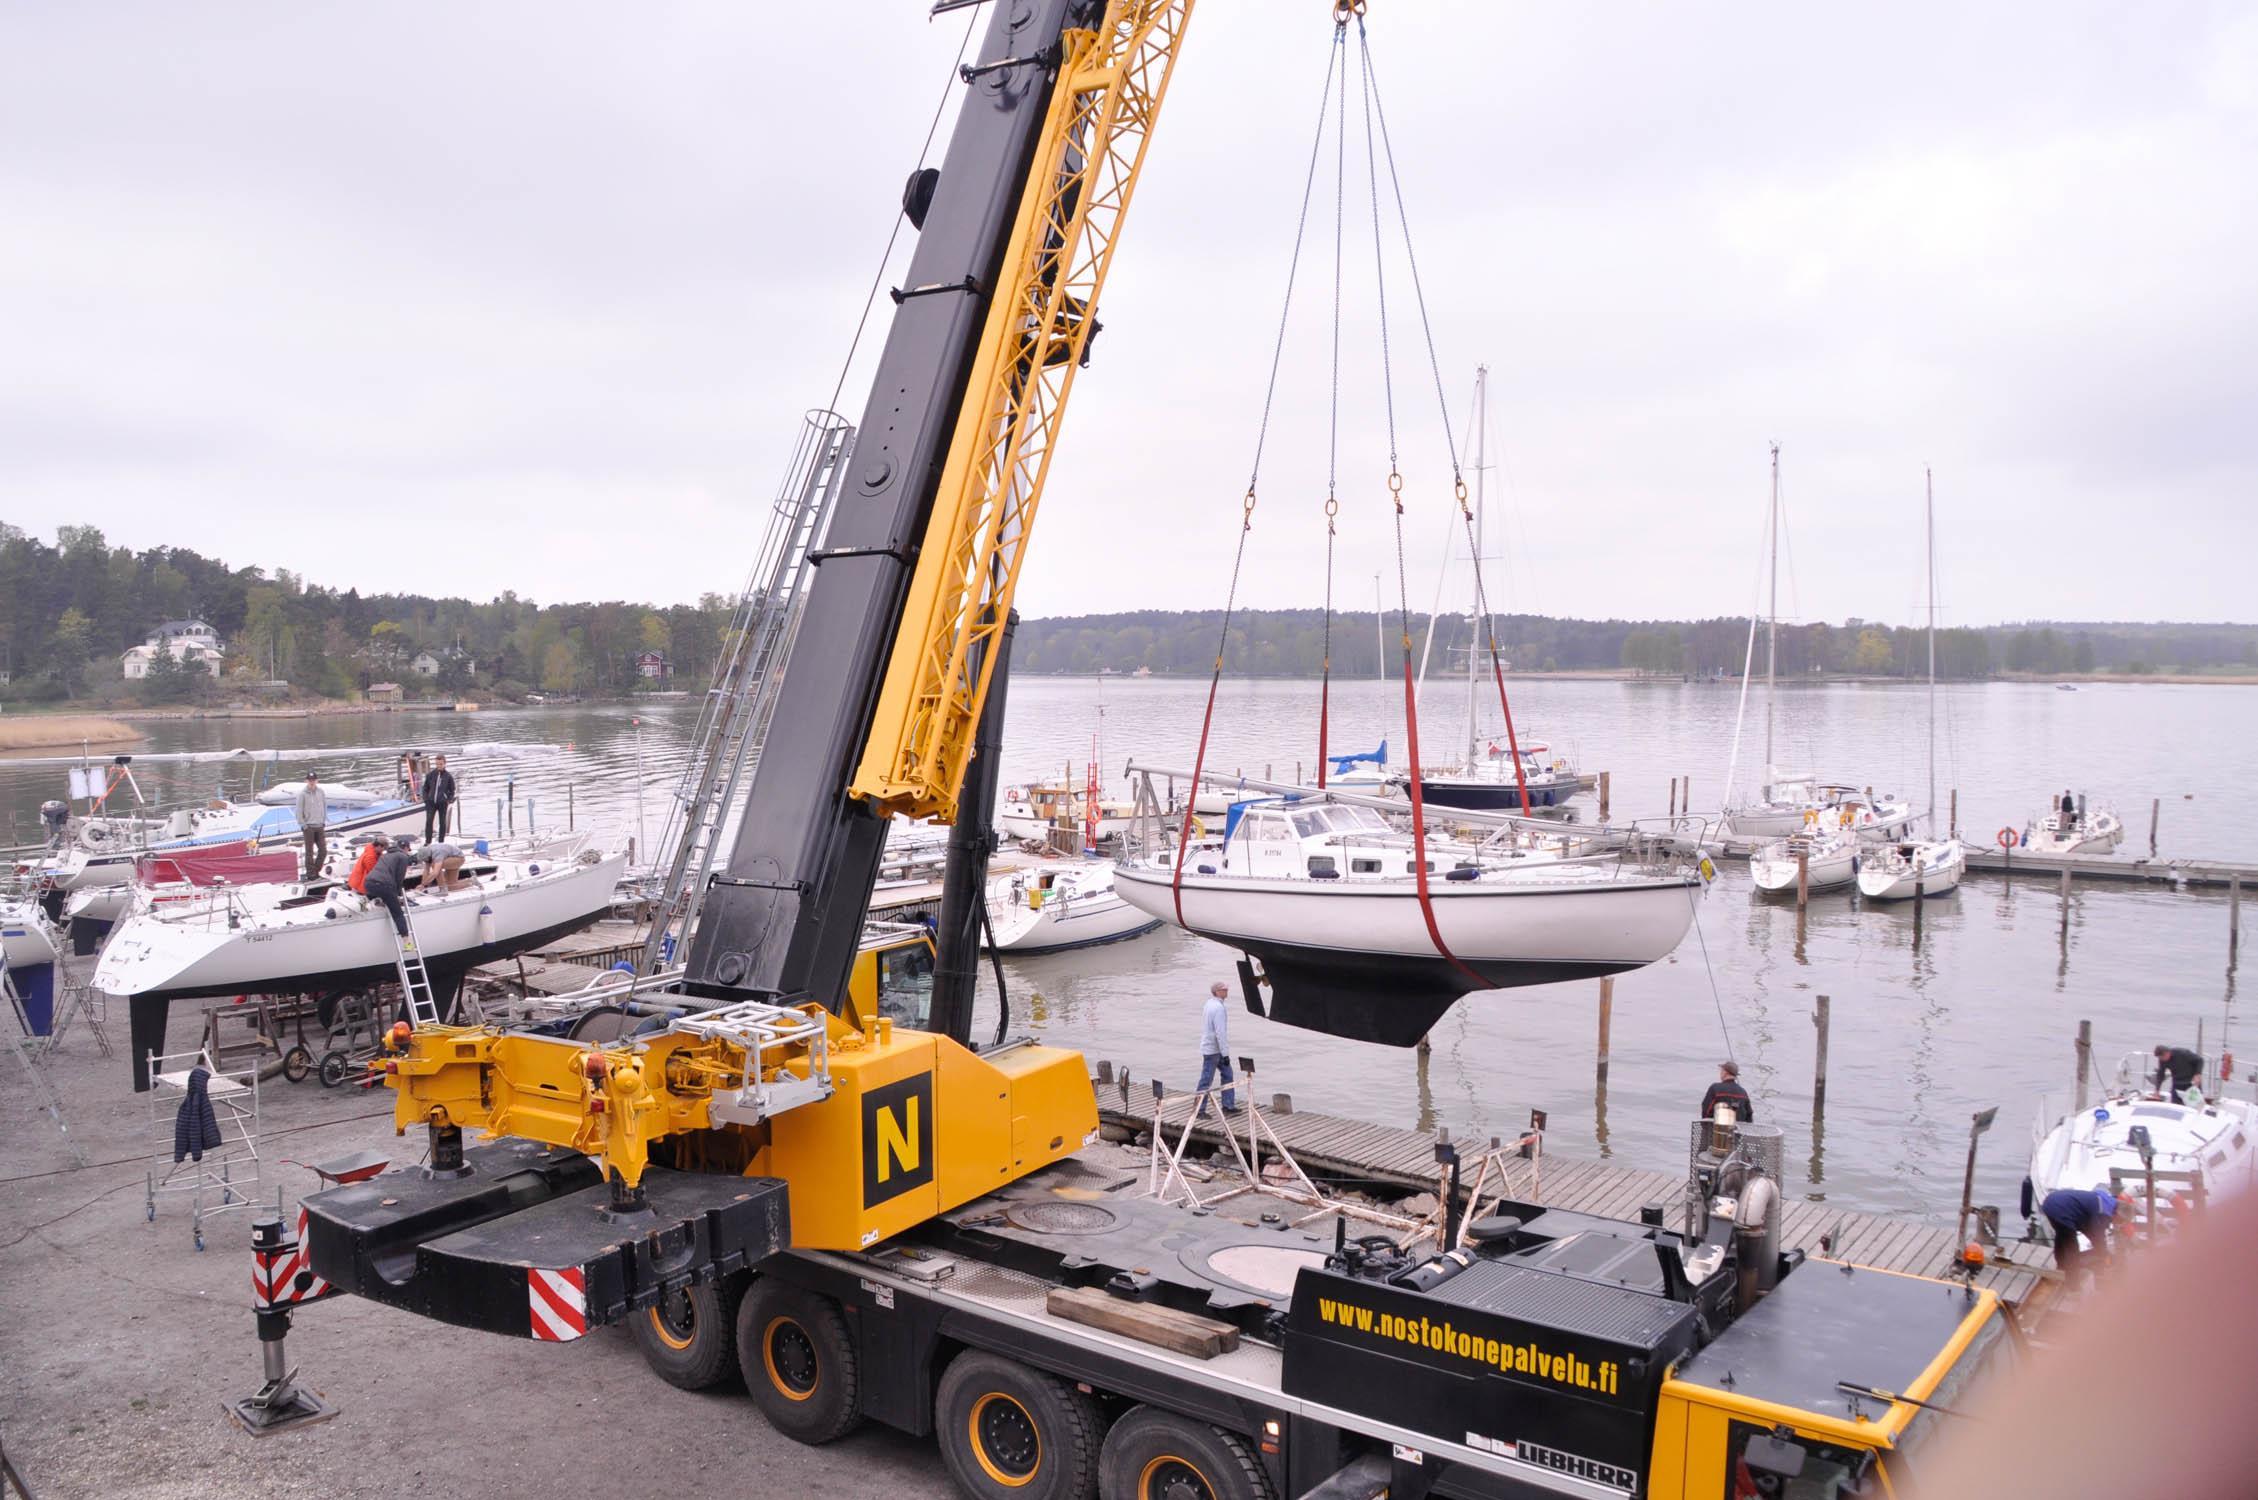 En av båtarna sjösätts i ASS hamn på Beckholmen.